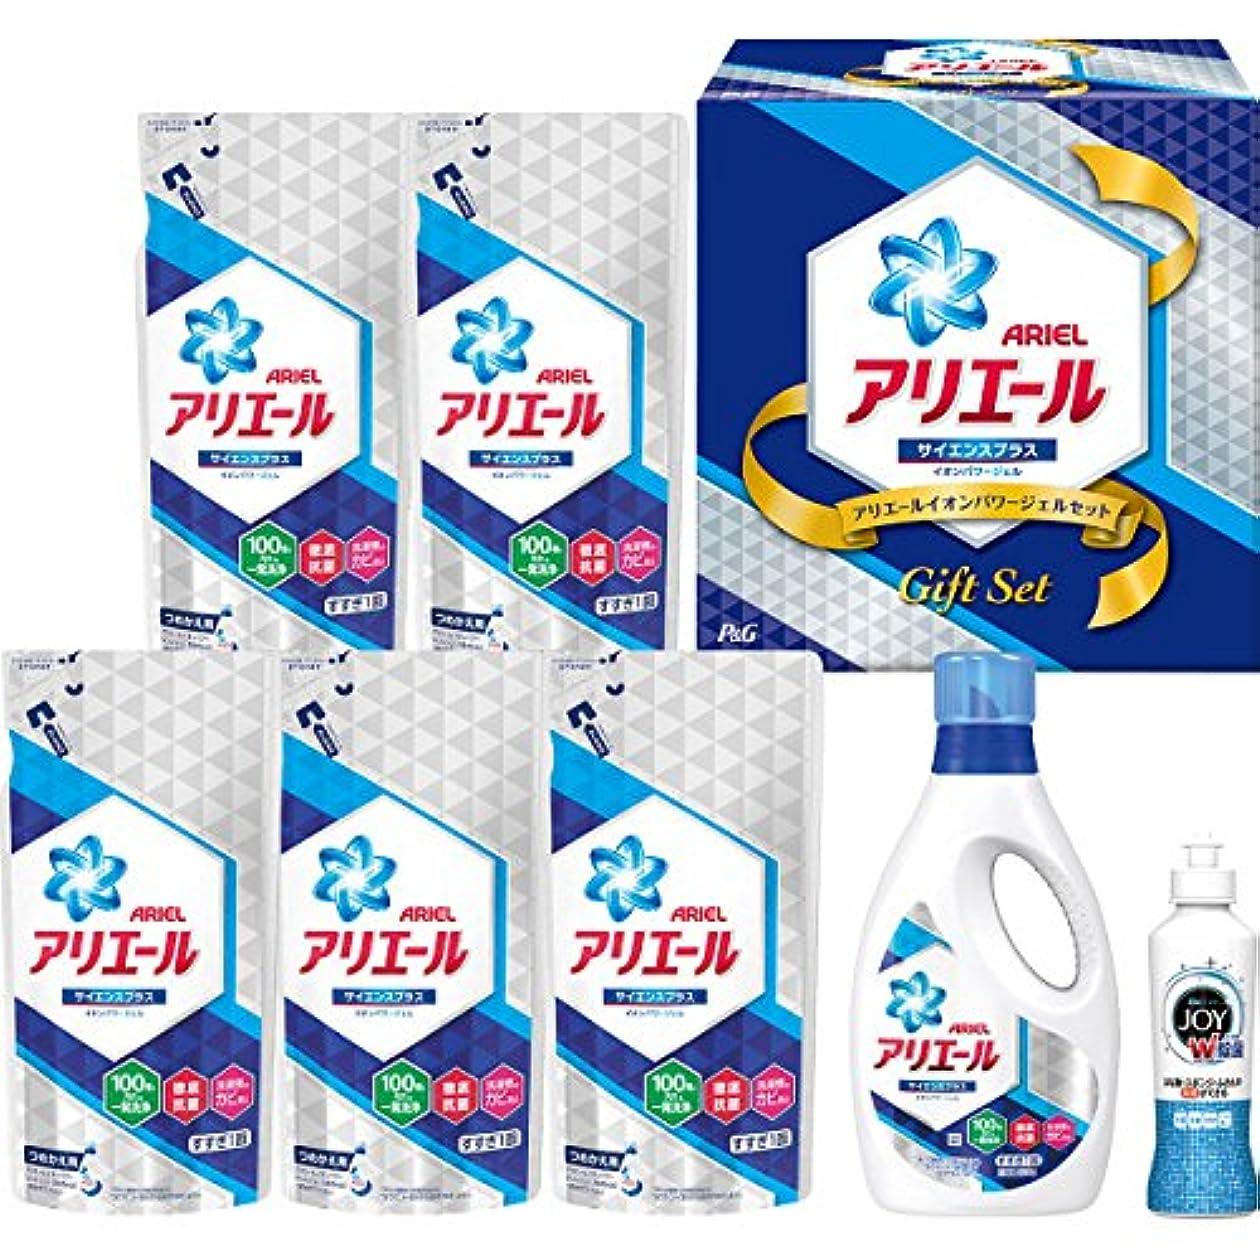 有能な本気倒産P&G(ピーアンドジー) 【お歳暮2018】P&G アリエールイオンパワージェルセット(PGIG-40XA)